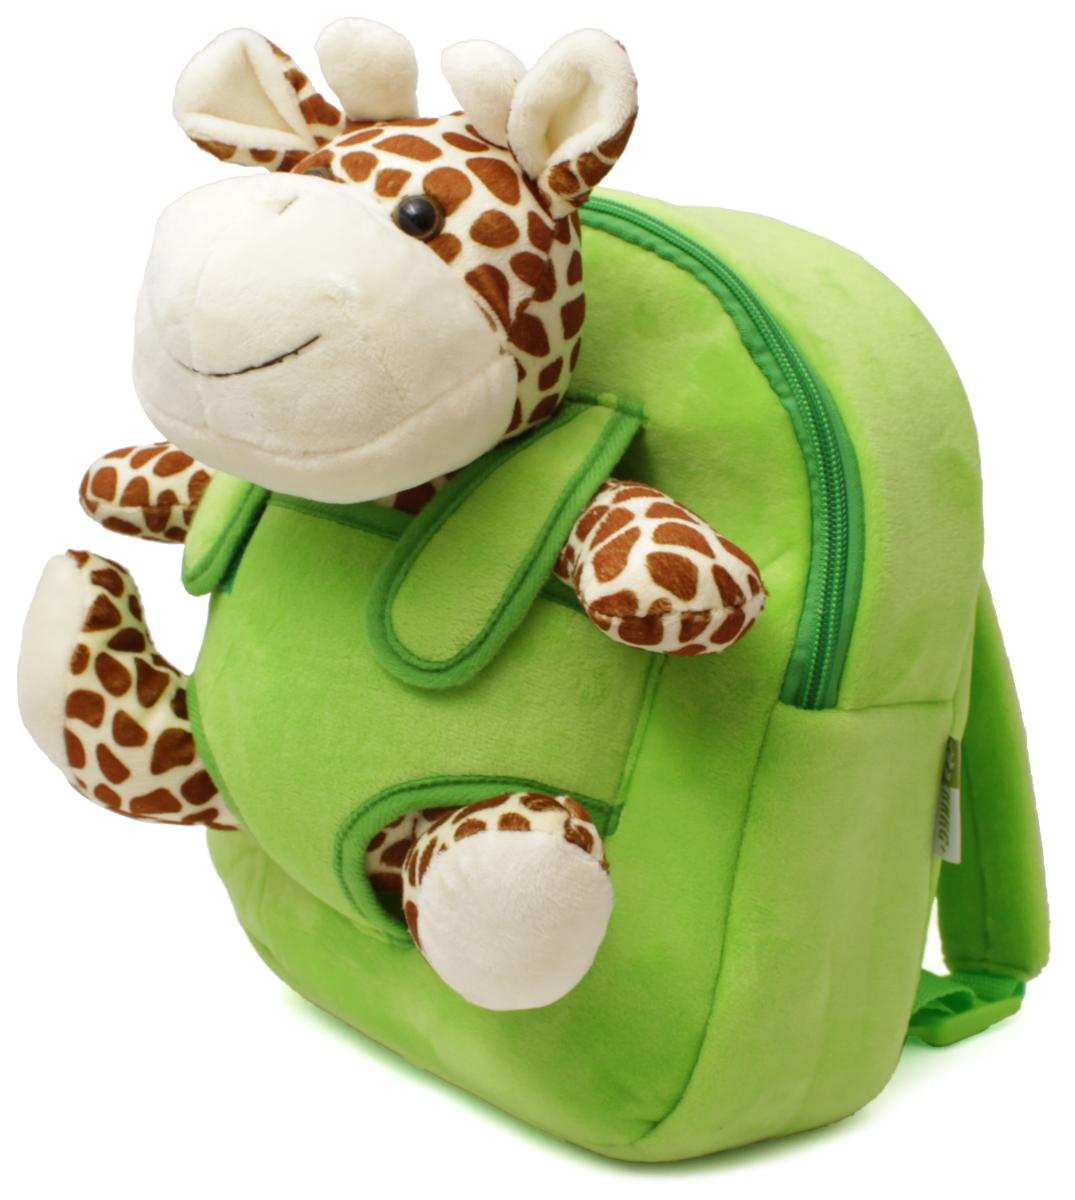 Феникс+ Рюкзак дошкольный Жирафик 4430044300Дошкольный рюкзак Феникс+ имеет одно большое отделение на застежке-молнии.Рюкзак оснащен ручкой для переноски в руках и лямками регулируемой длины. На лицевой стороне рюкзака находится съемная мягкая игрушка в виде небольшого жирафа.Такой рюкзак идеально подойдет для хранения важных вещей, которые так необходимы детям на детской площадке, во время прогулки или на пикнике.